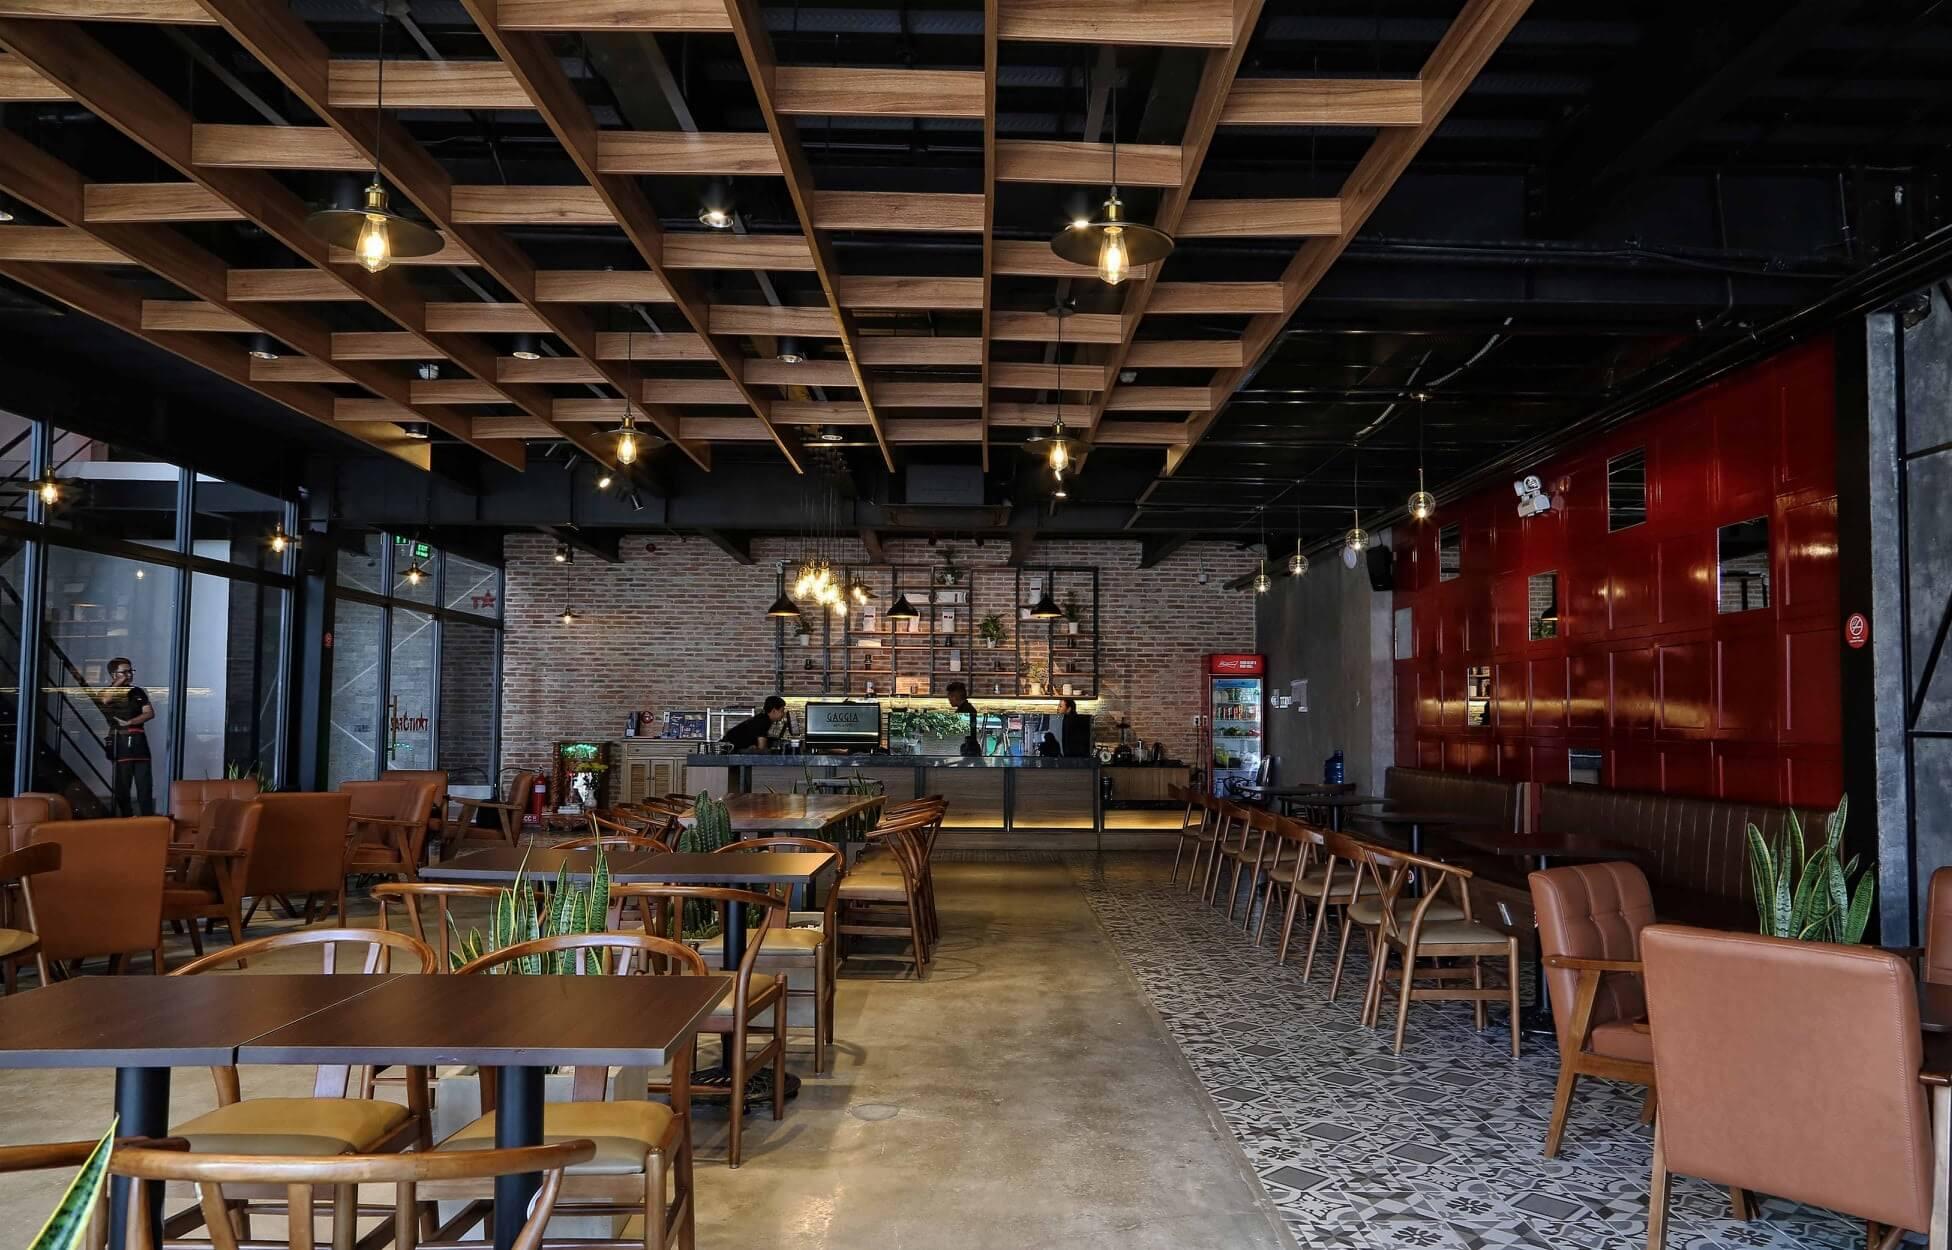 GOADESIGN-Tư Vấn-Thiết Kế-Thi Công-Nhà hàng-Cà Phê (12)